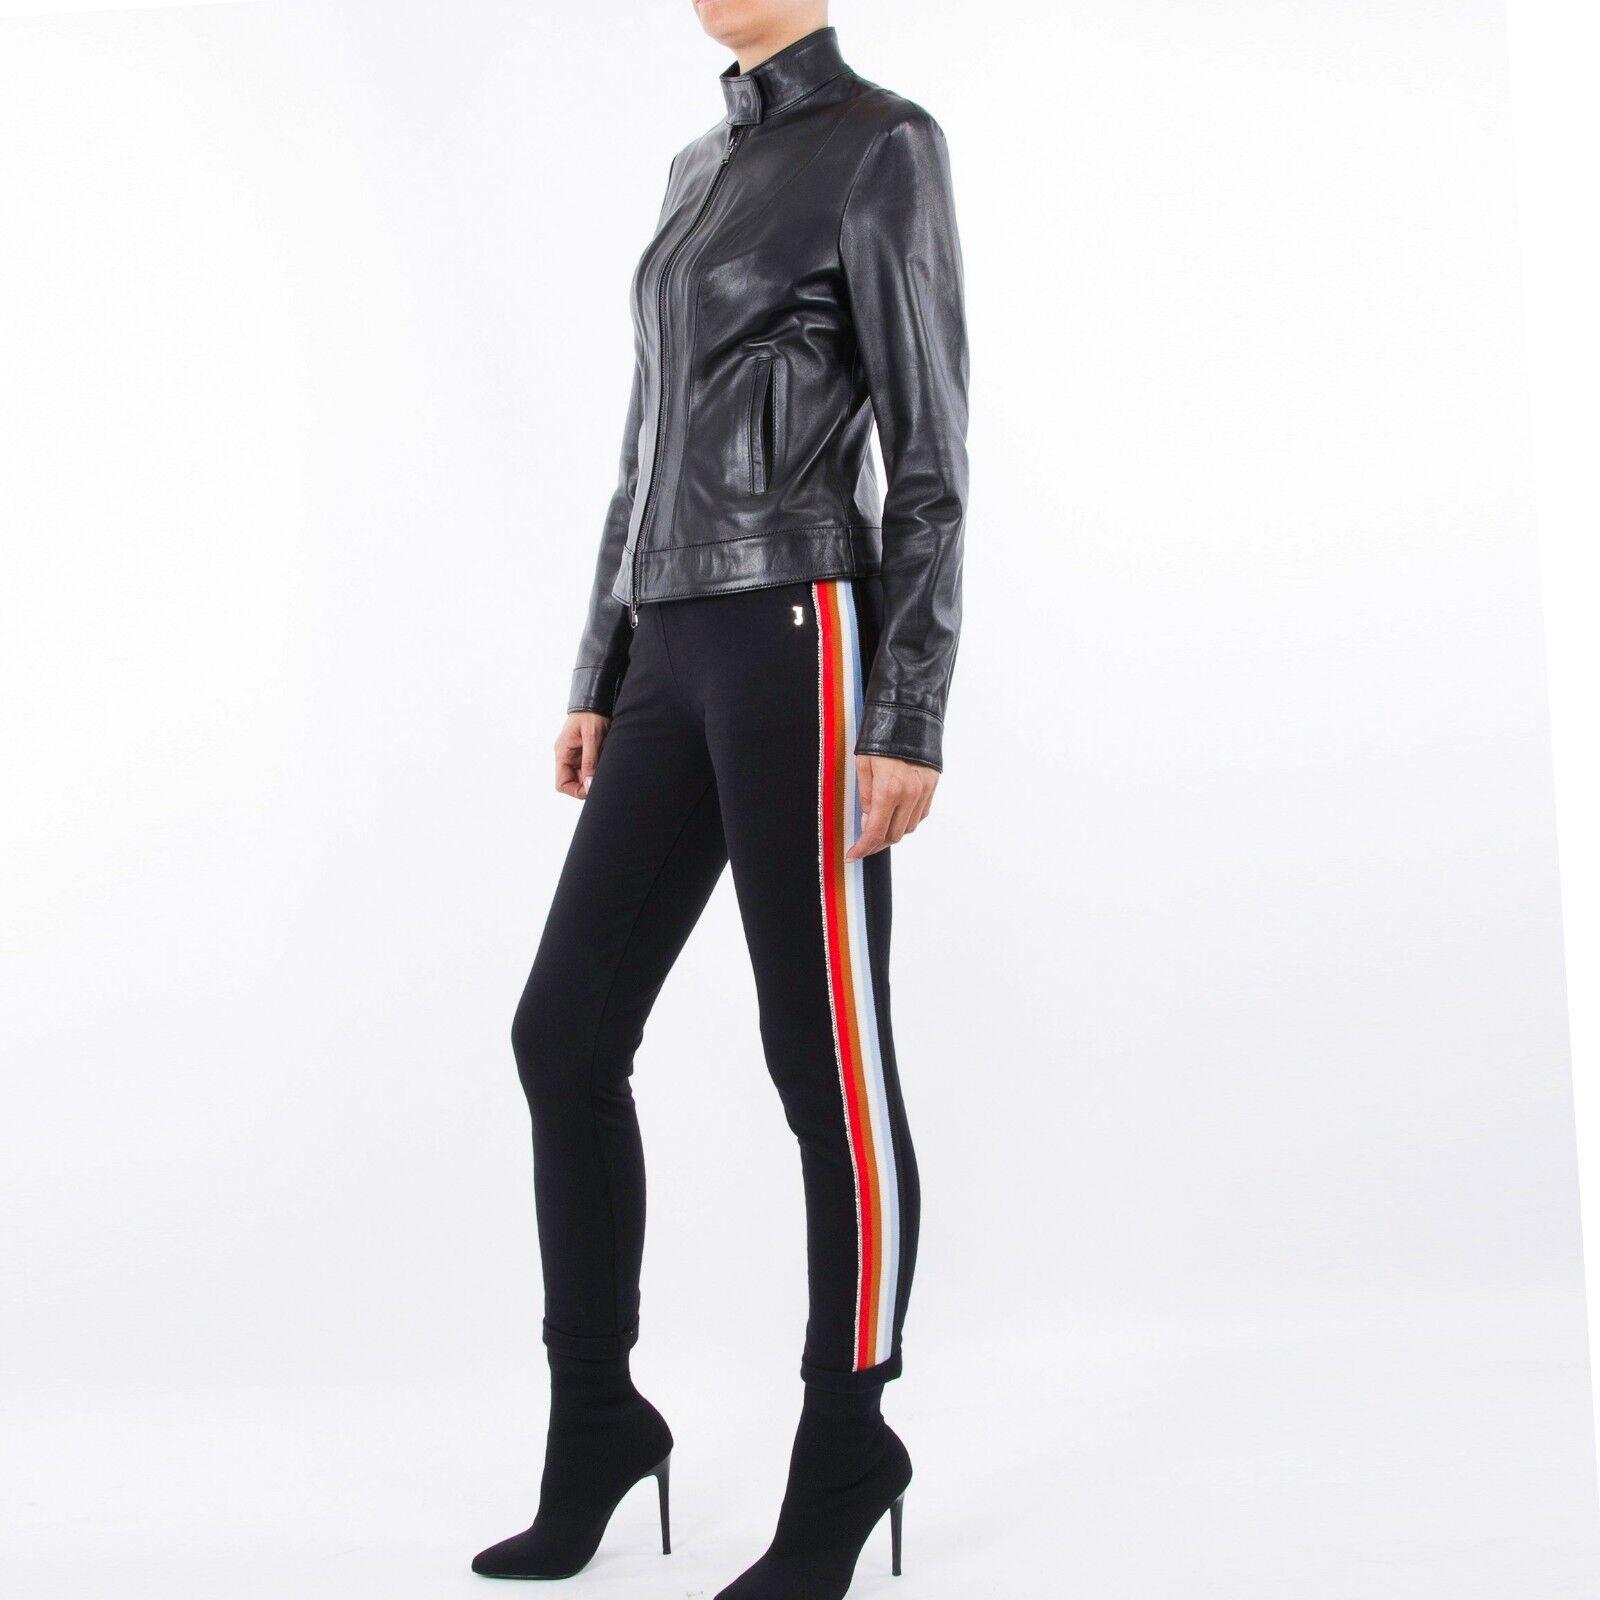 Hecho a mano cuero genuino cordero italiano de Mujer Simple  Slim Fit Chaqueta Negro  compras en linea